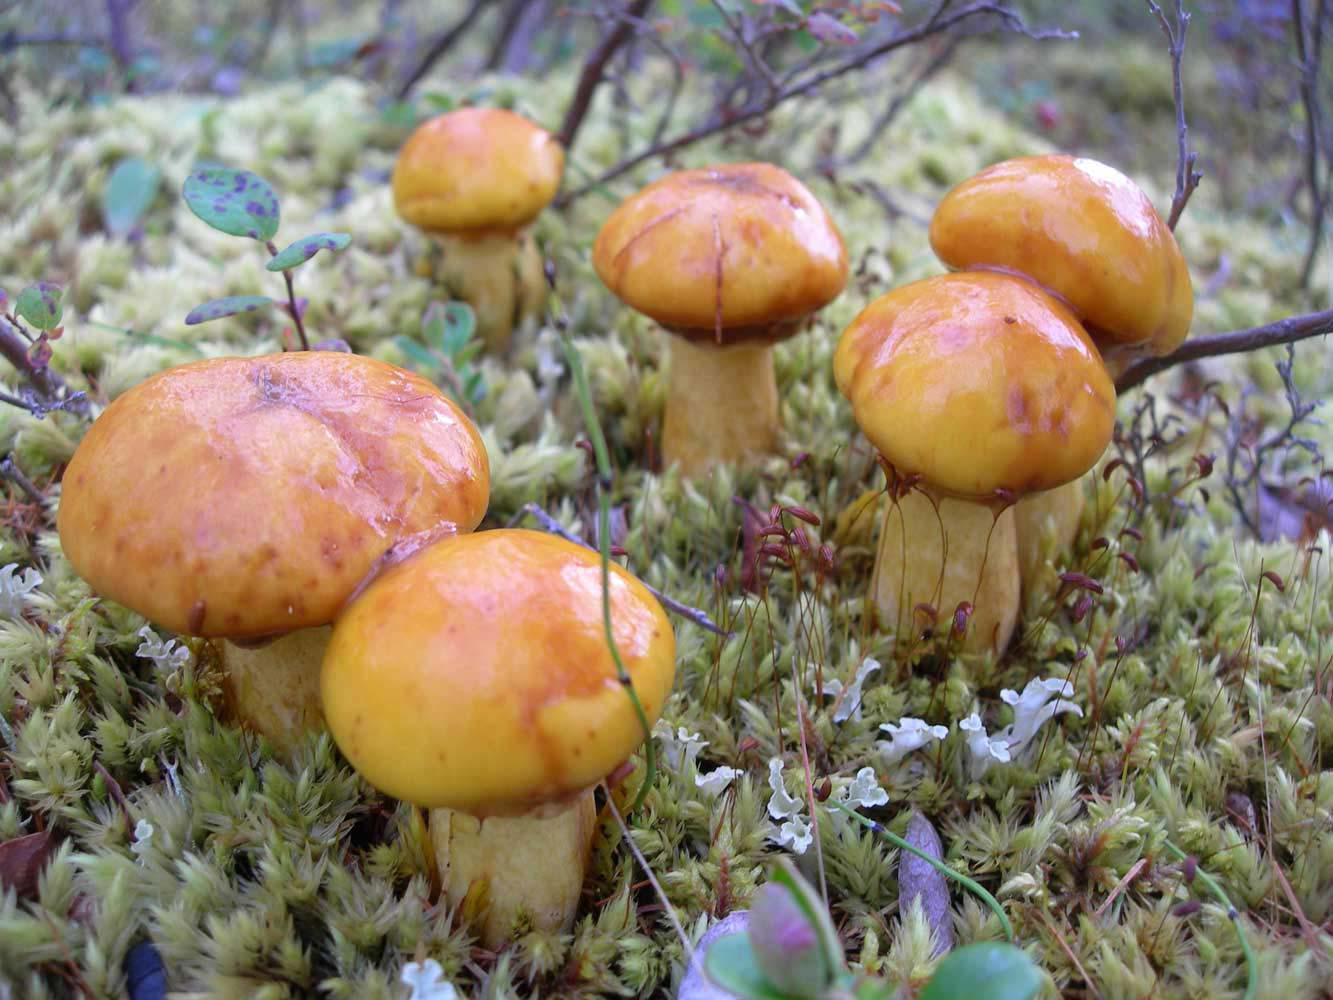 Ложный белый гриб: фото и описание, как отличить боровика от желчного и других двойников